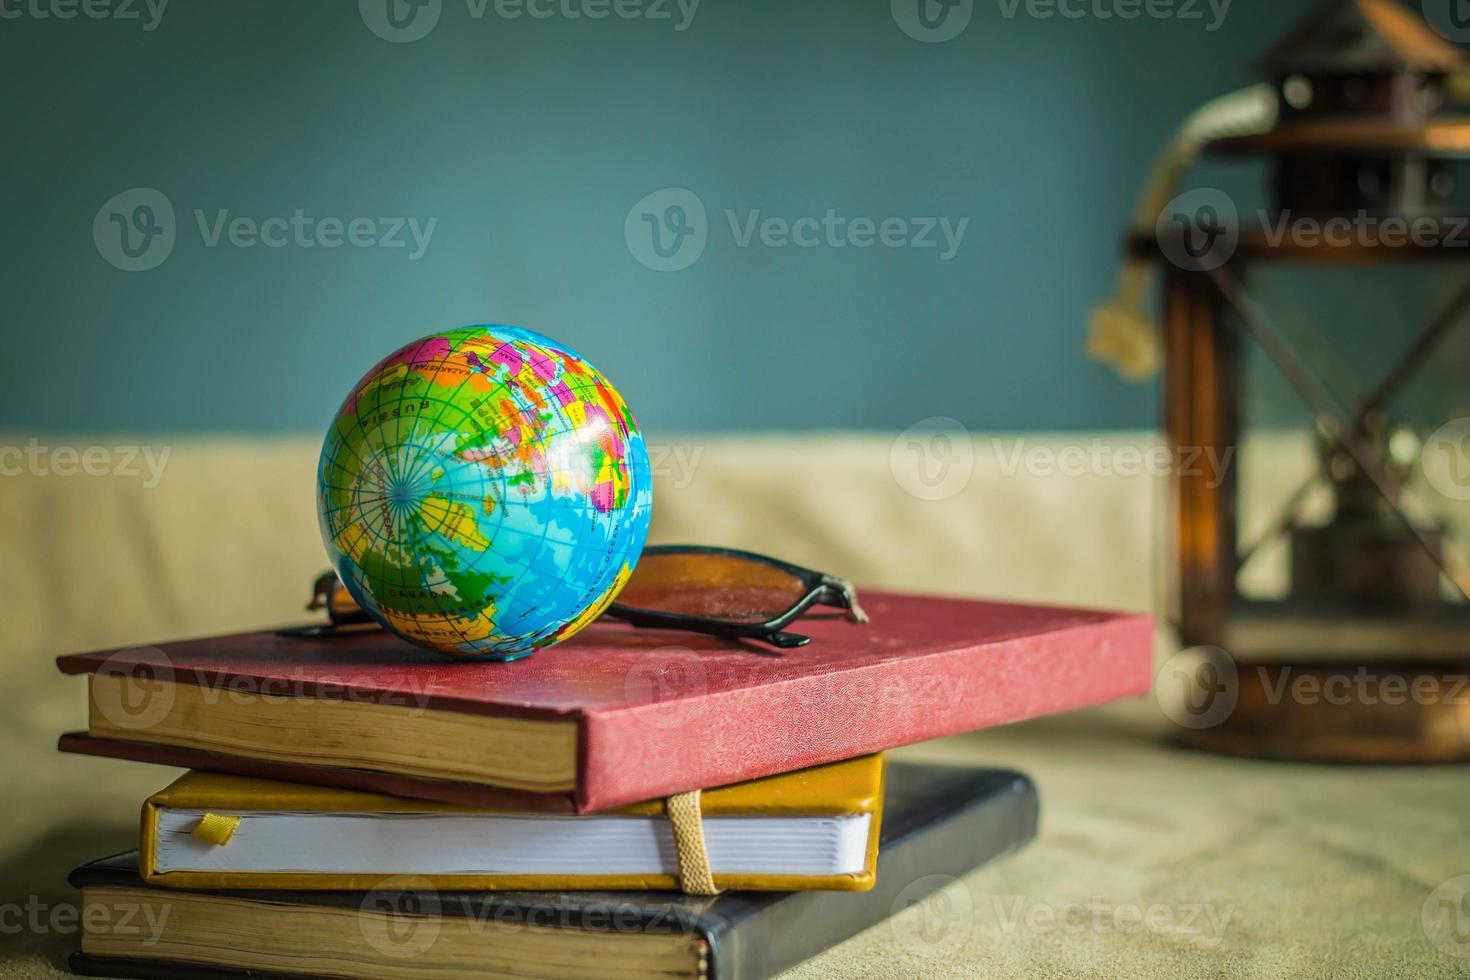 globo e livros no trabalho. foto